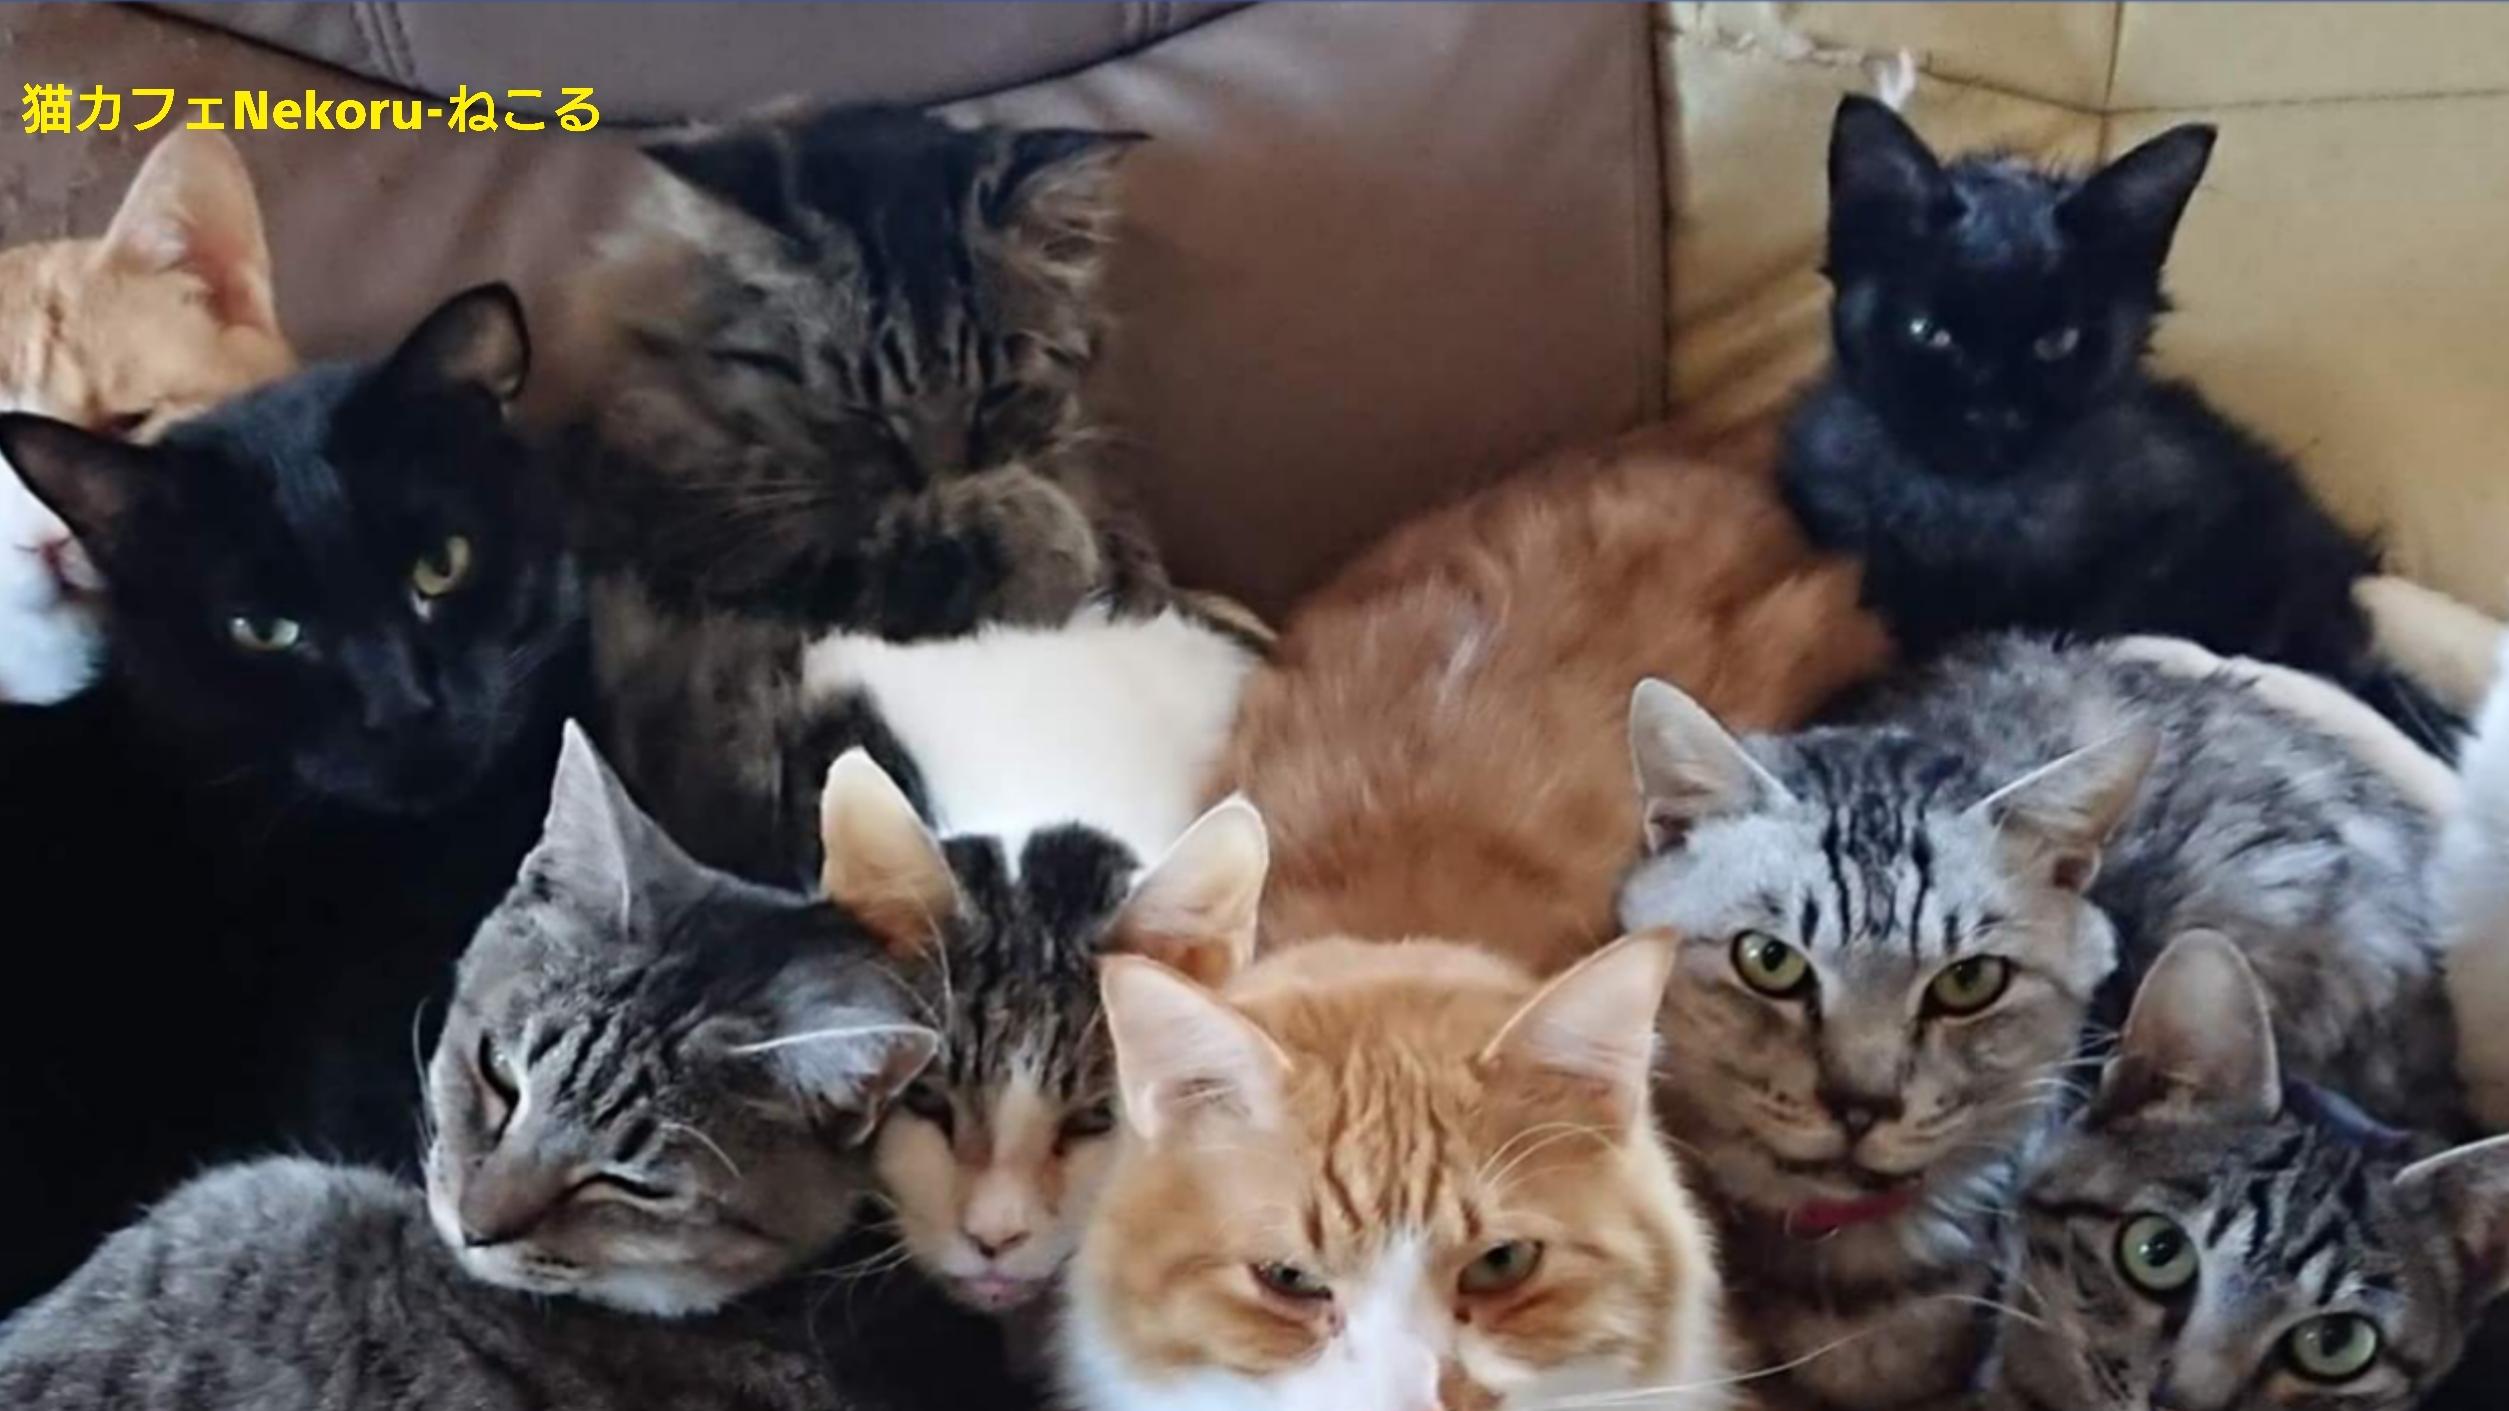 猫カフェNekoru-ねこるの猫ちゃんたちにLaKarenの食器を使って頂きました。